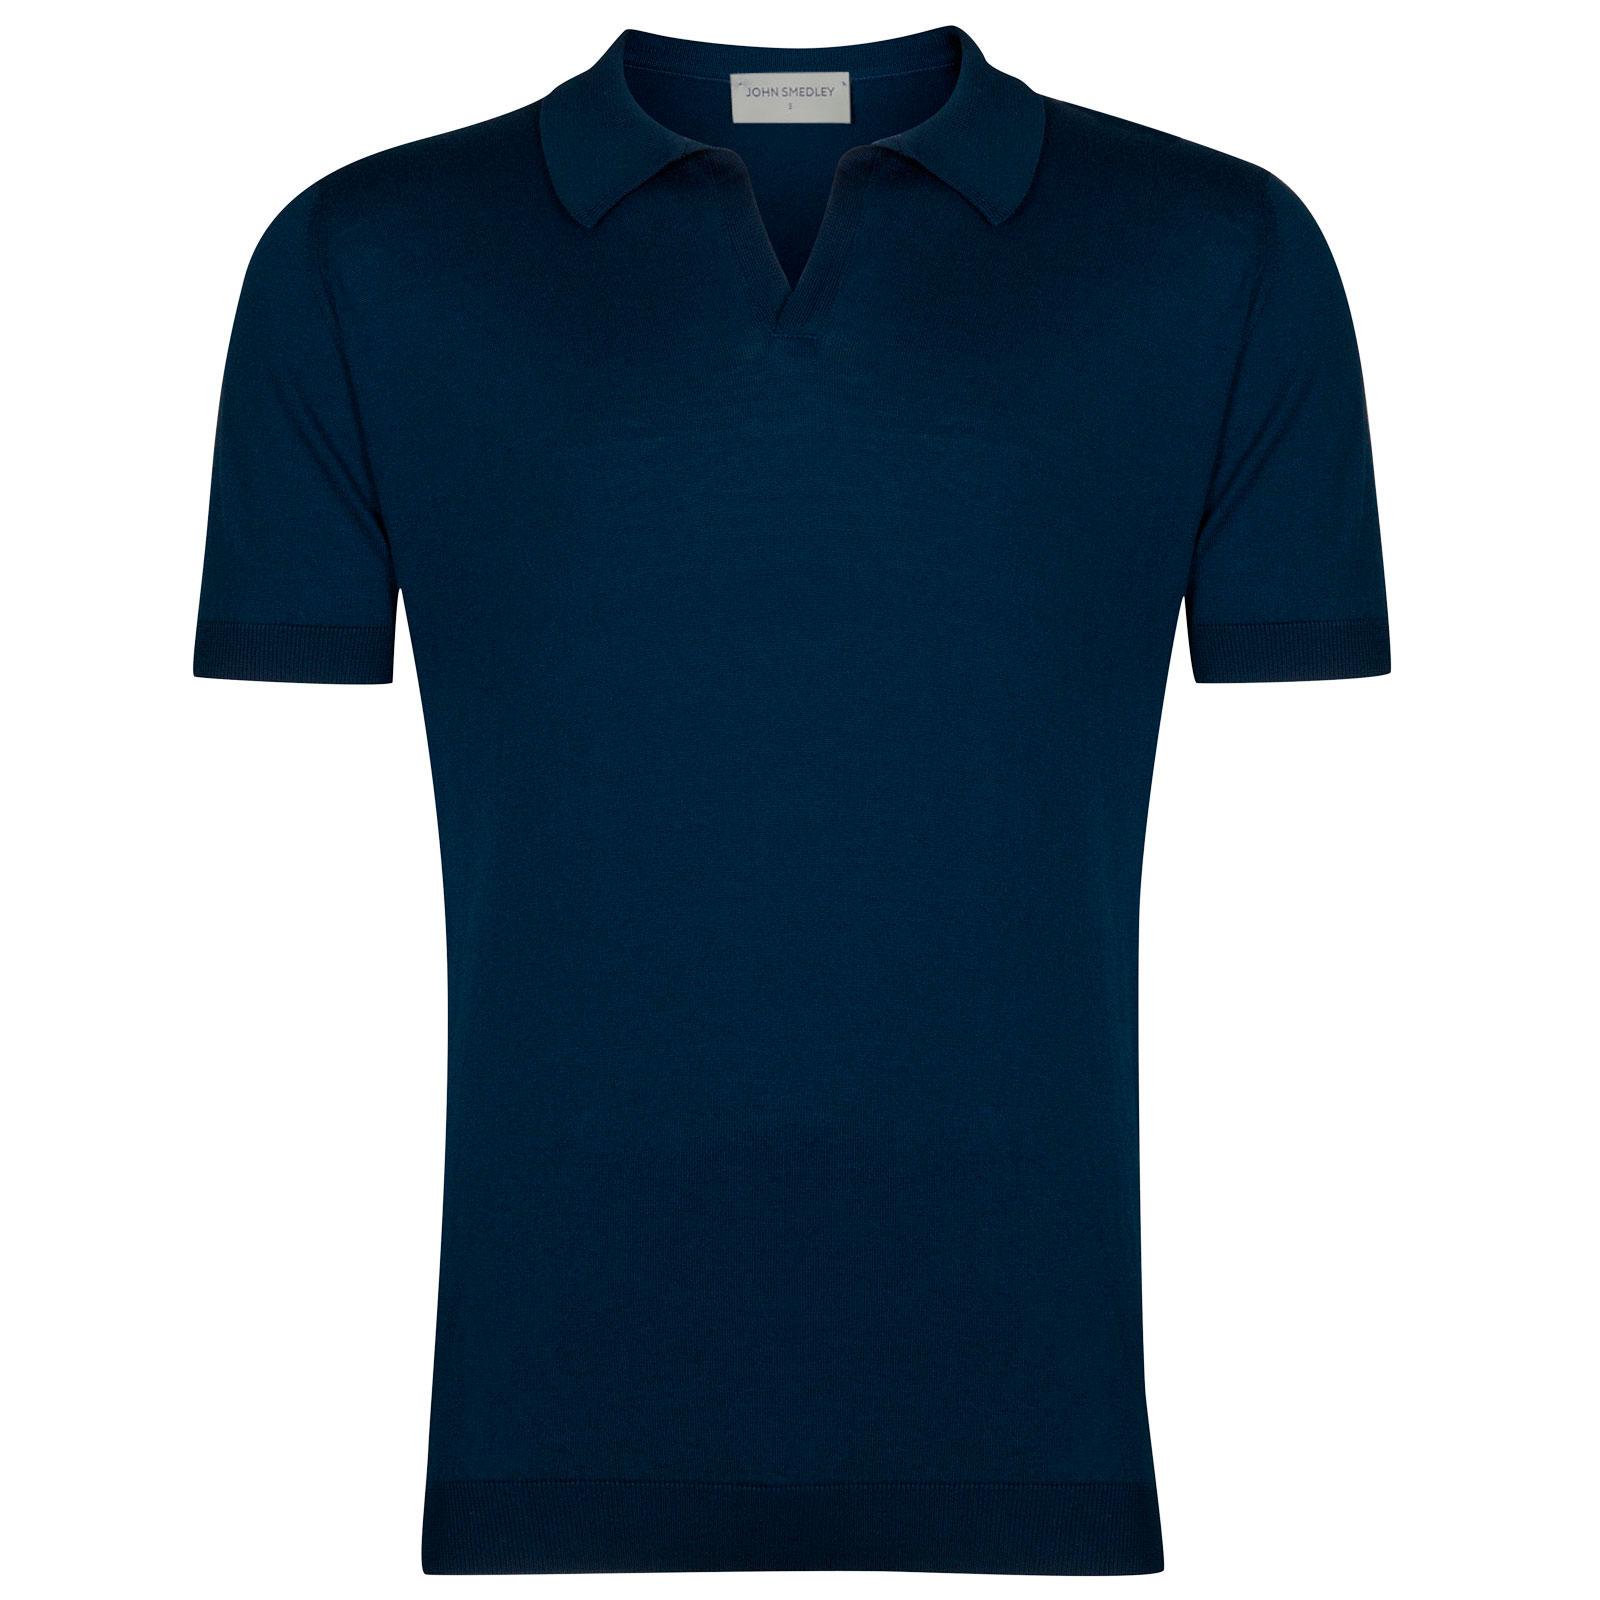 John Smedley Noah Sea Island Cotton Shirt in Indigo-S